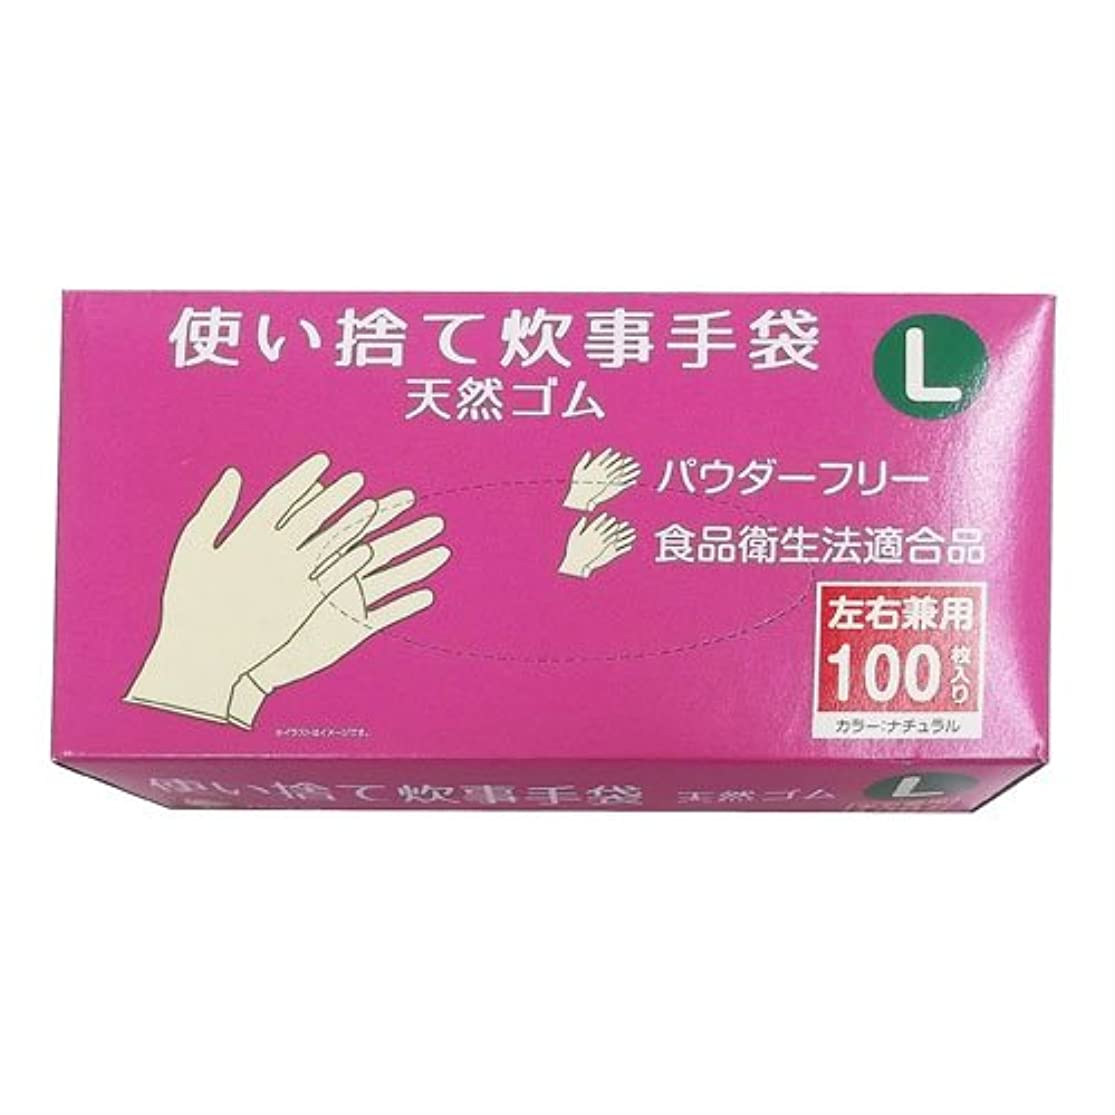 コーナンオリジナル 使い捨て 炊事手袋 天然ゴム 100枚入り L